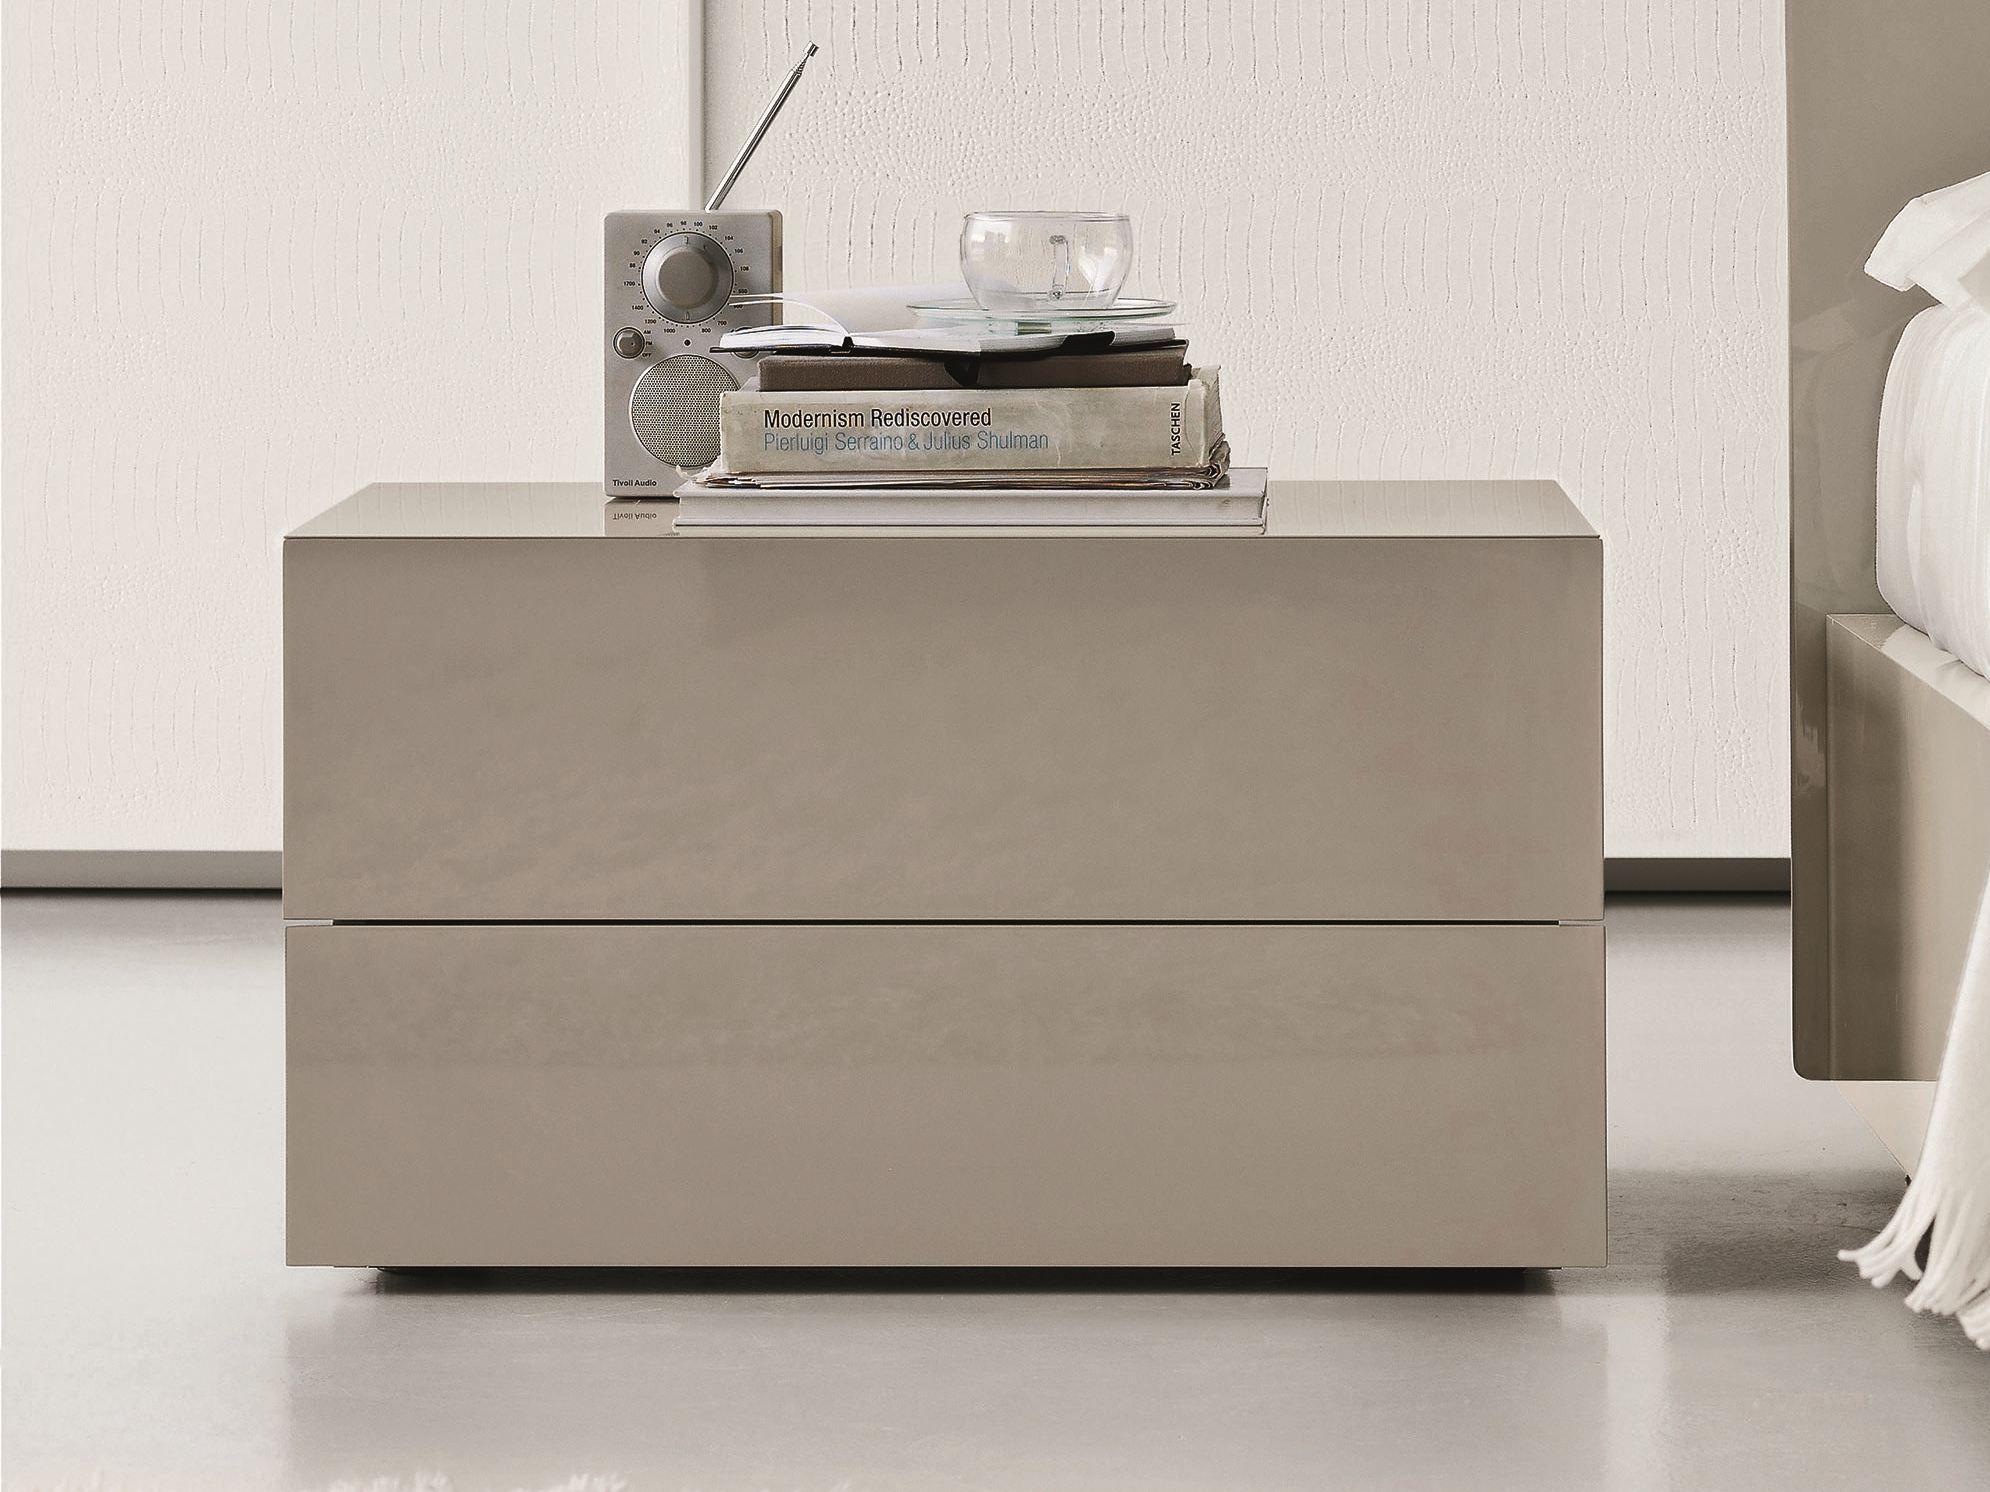 decoração mesa cabeceira - Pesquisa Google | Dech muebles ...